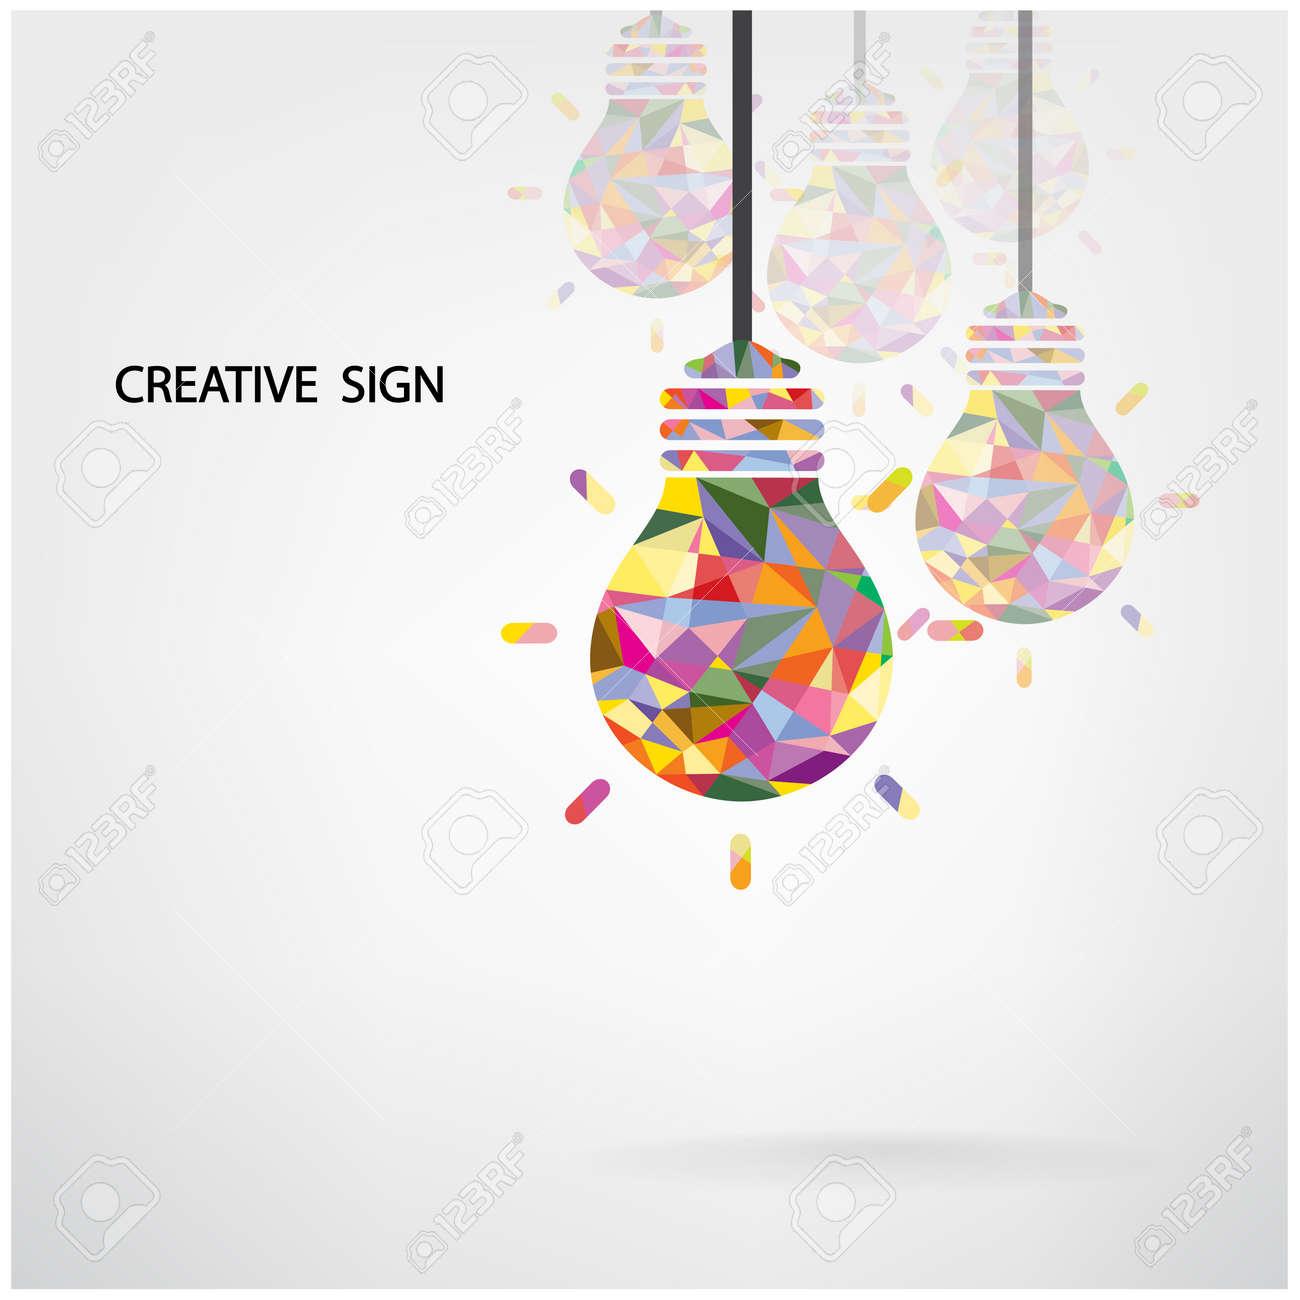 Très Creative Ampoule Idée Concept Design Fond Pour La Couverture  VB59